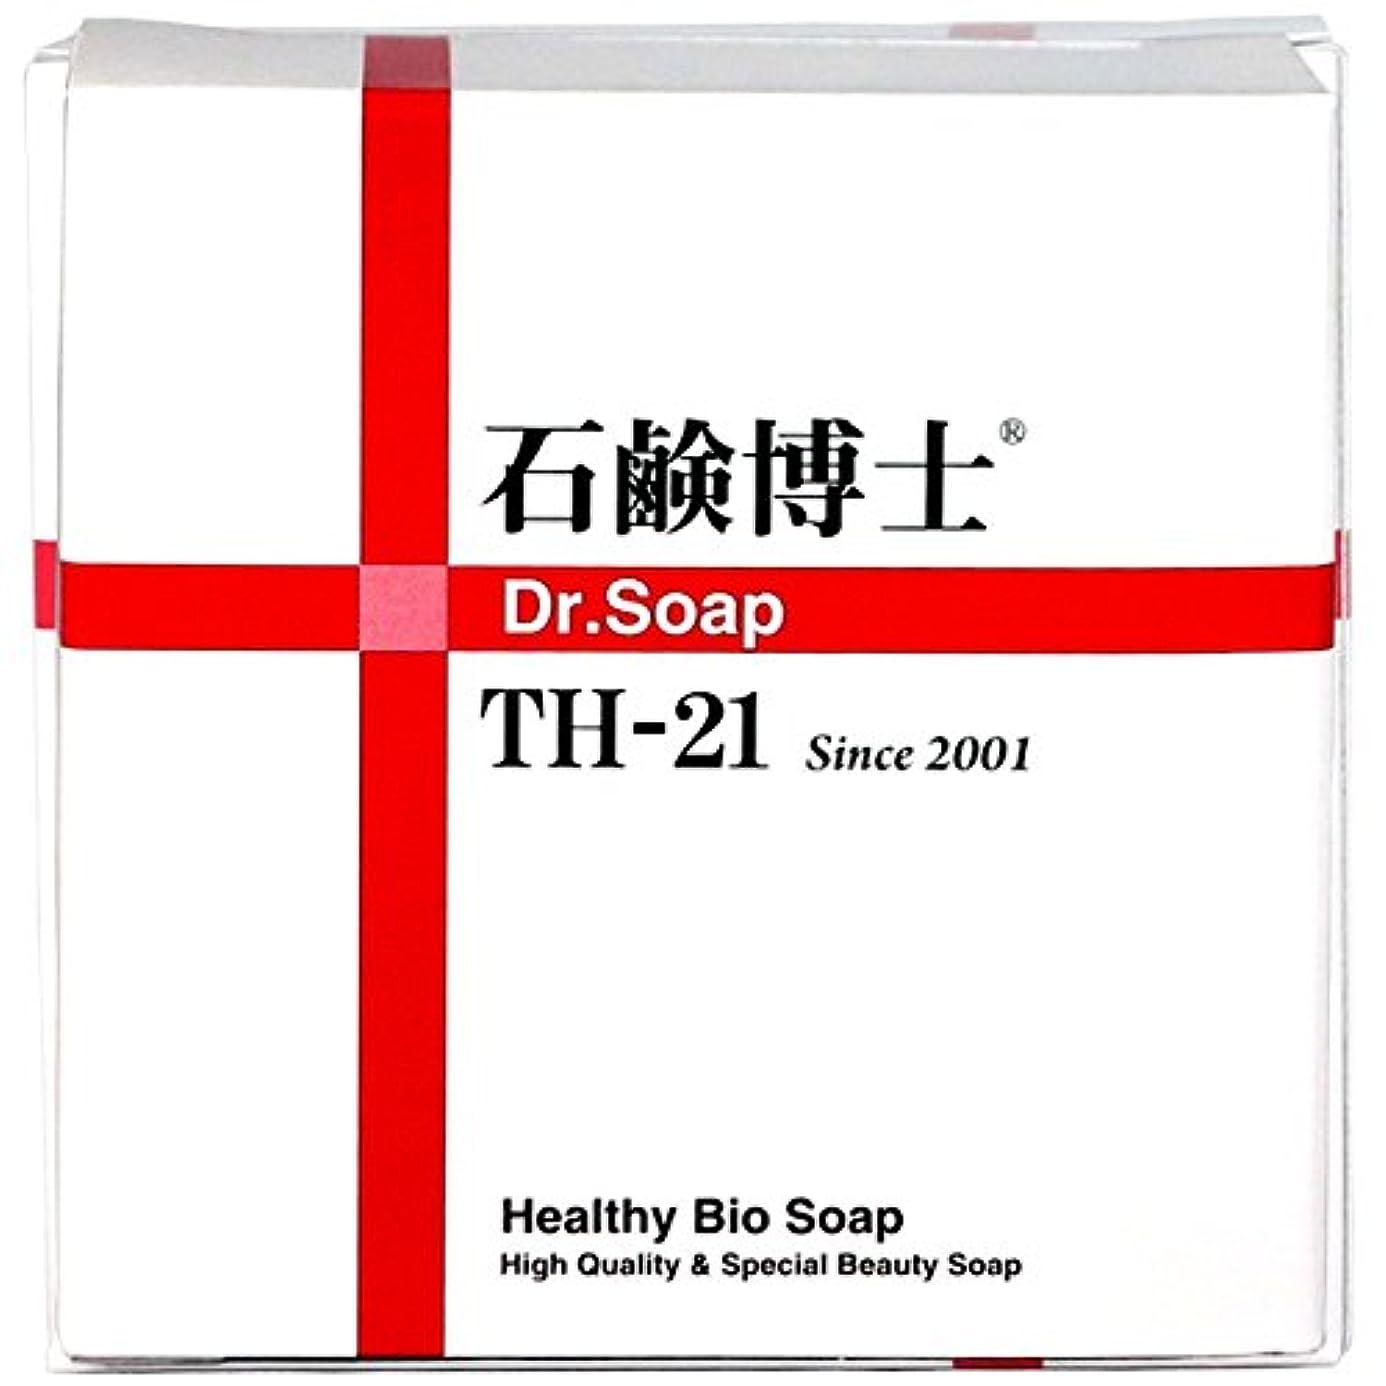 派生するバレエ船外ミネラルと分解酵素で洗顔しながらスキンケア 石鹸博士 DRソープ石鹸 Dr.Soap TH-21 100g